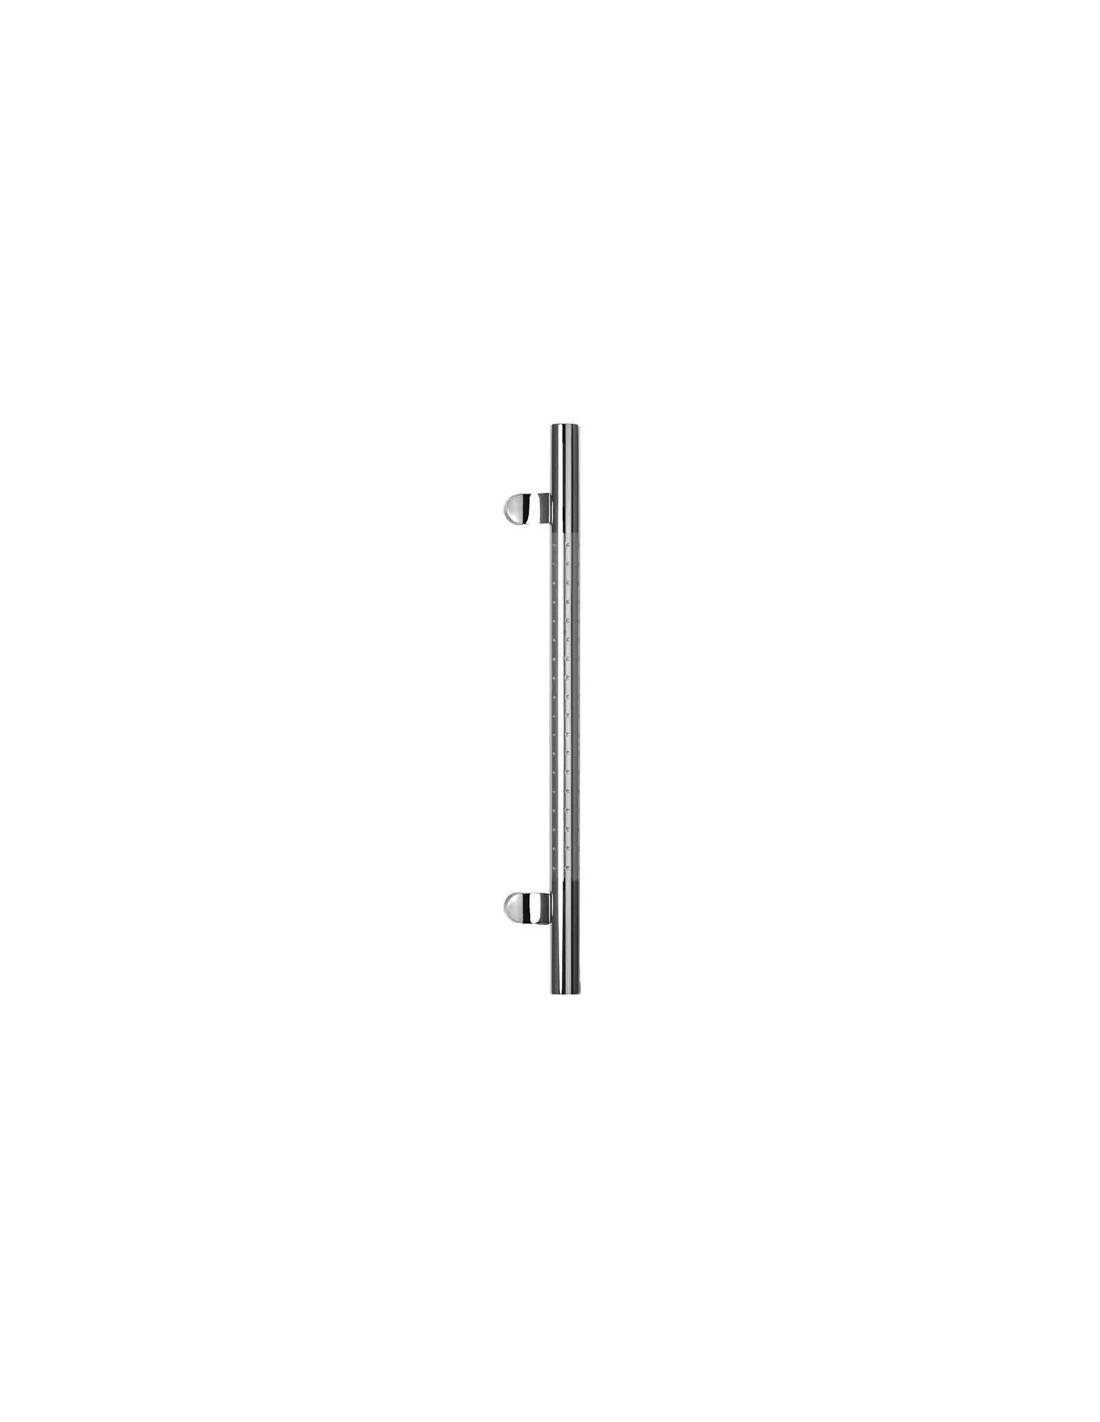 Manillones para puertas correderas fabulous juego manillon con cerradura para puertas de - Manillones puertas correderas ...